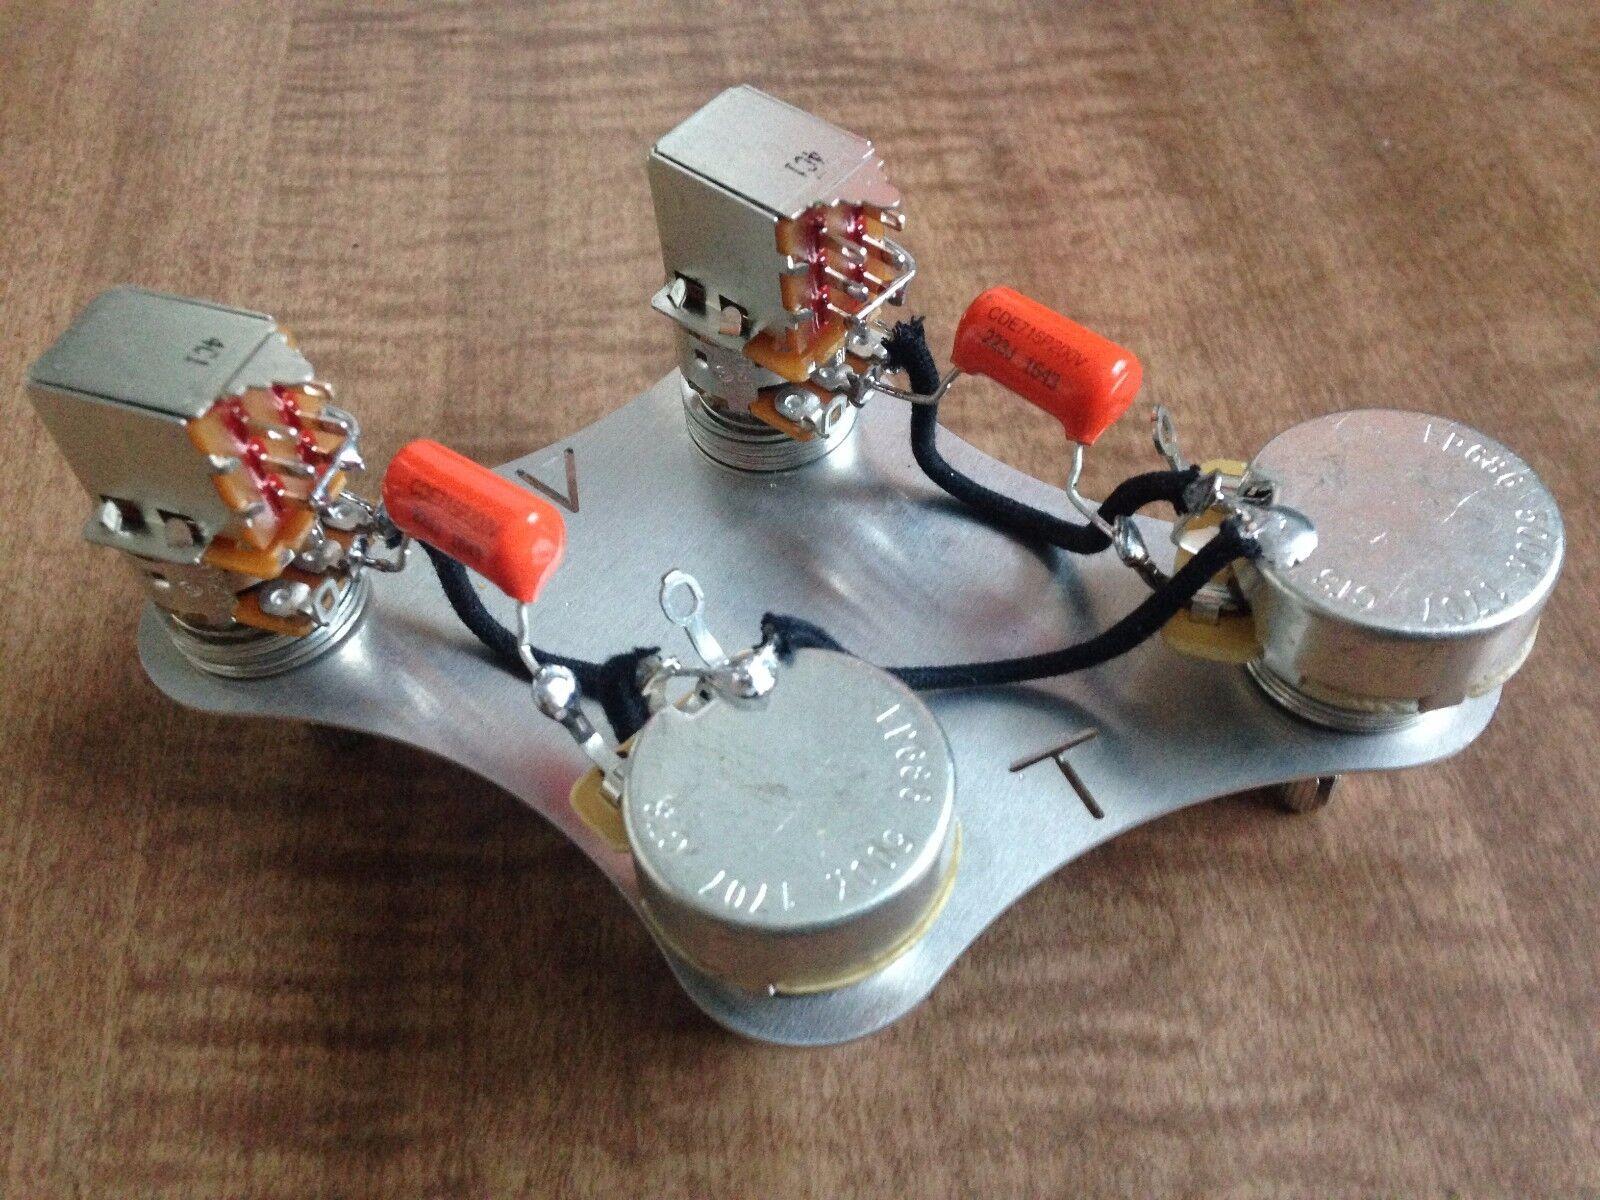 Gibson Les Paul 50's Wiring 500k CTS Push Pull Coil Split SHORT Shaft 022 Orange